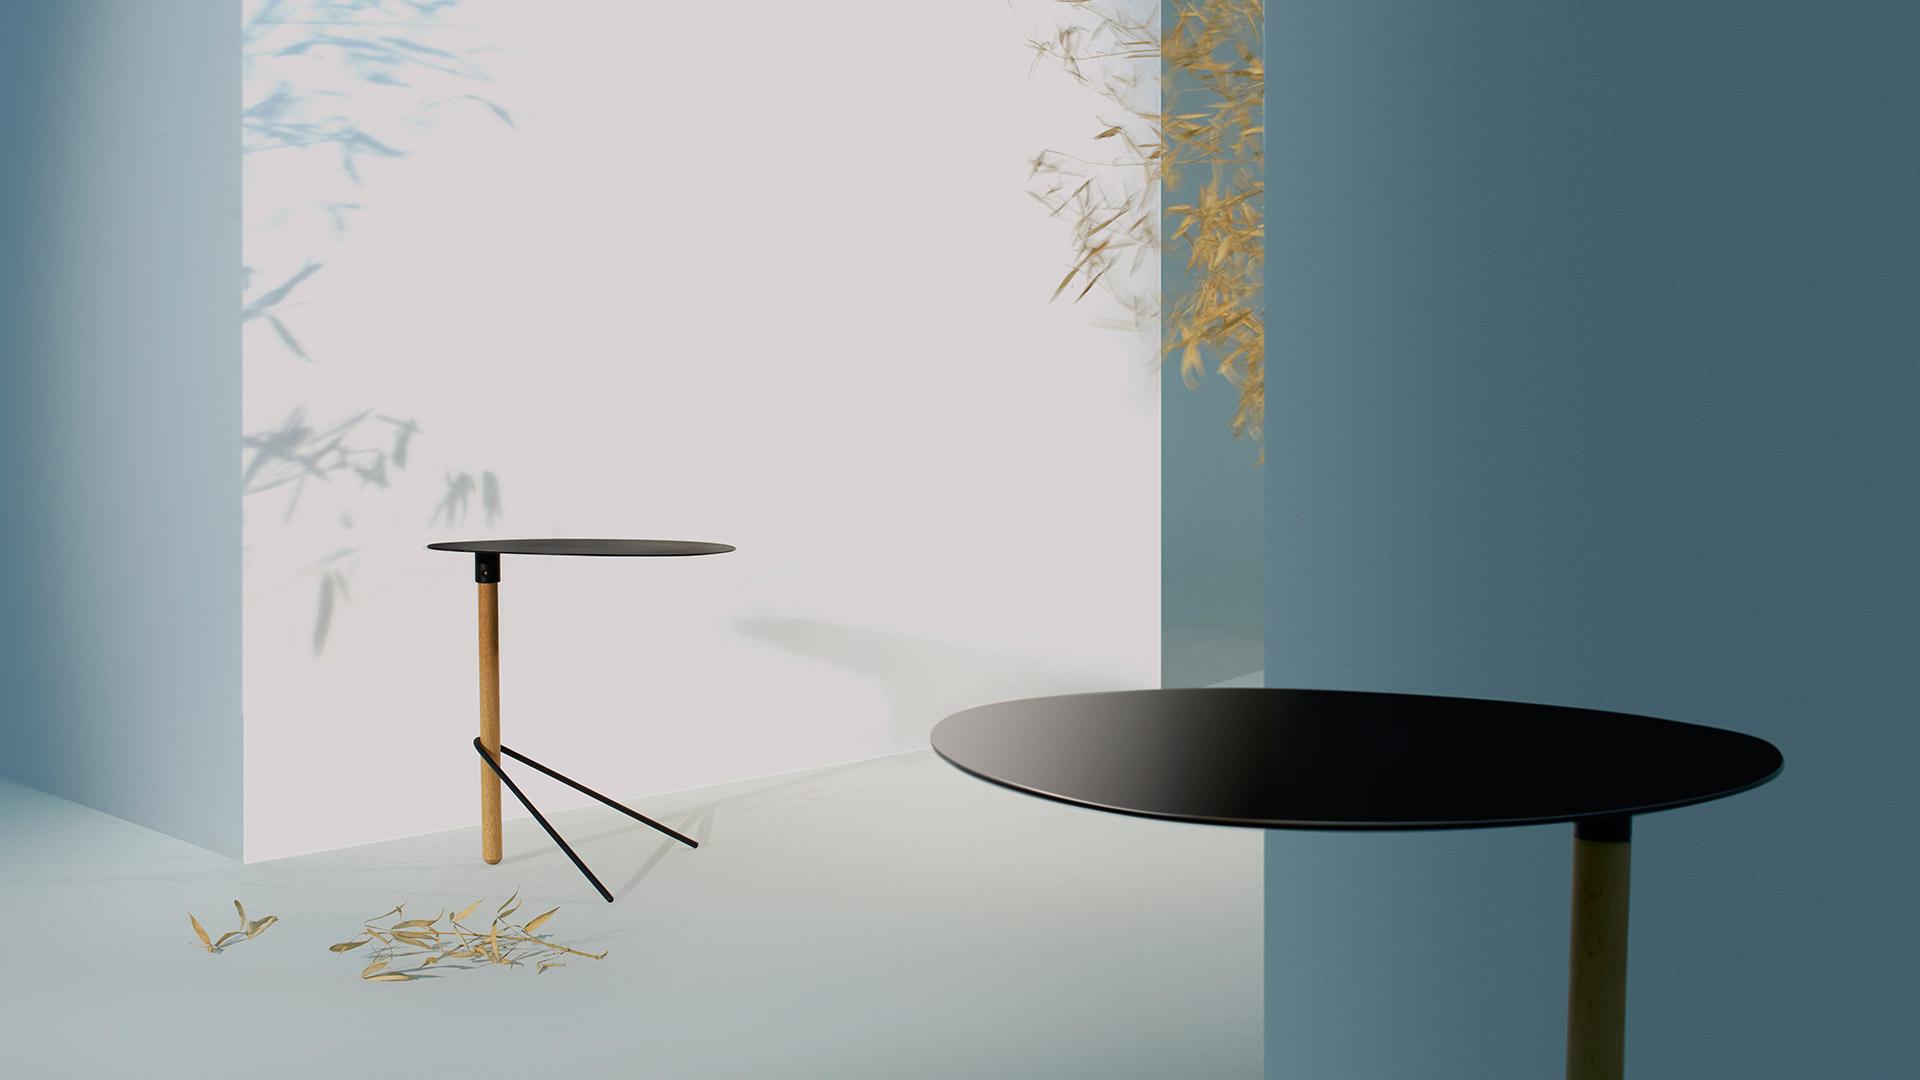 一杆一面一腿,第一眼的极简空灵,设计师Keiji Ashizawa采撷日本枯山水的石块灵感,将设计语言削减至本质;毫无赘述,剩下即是单纯至简的生命张力。?x-oss-process=image/format,jpg/interlace,1